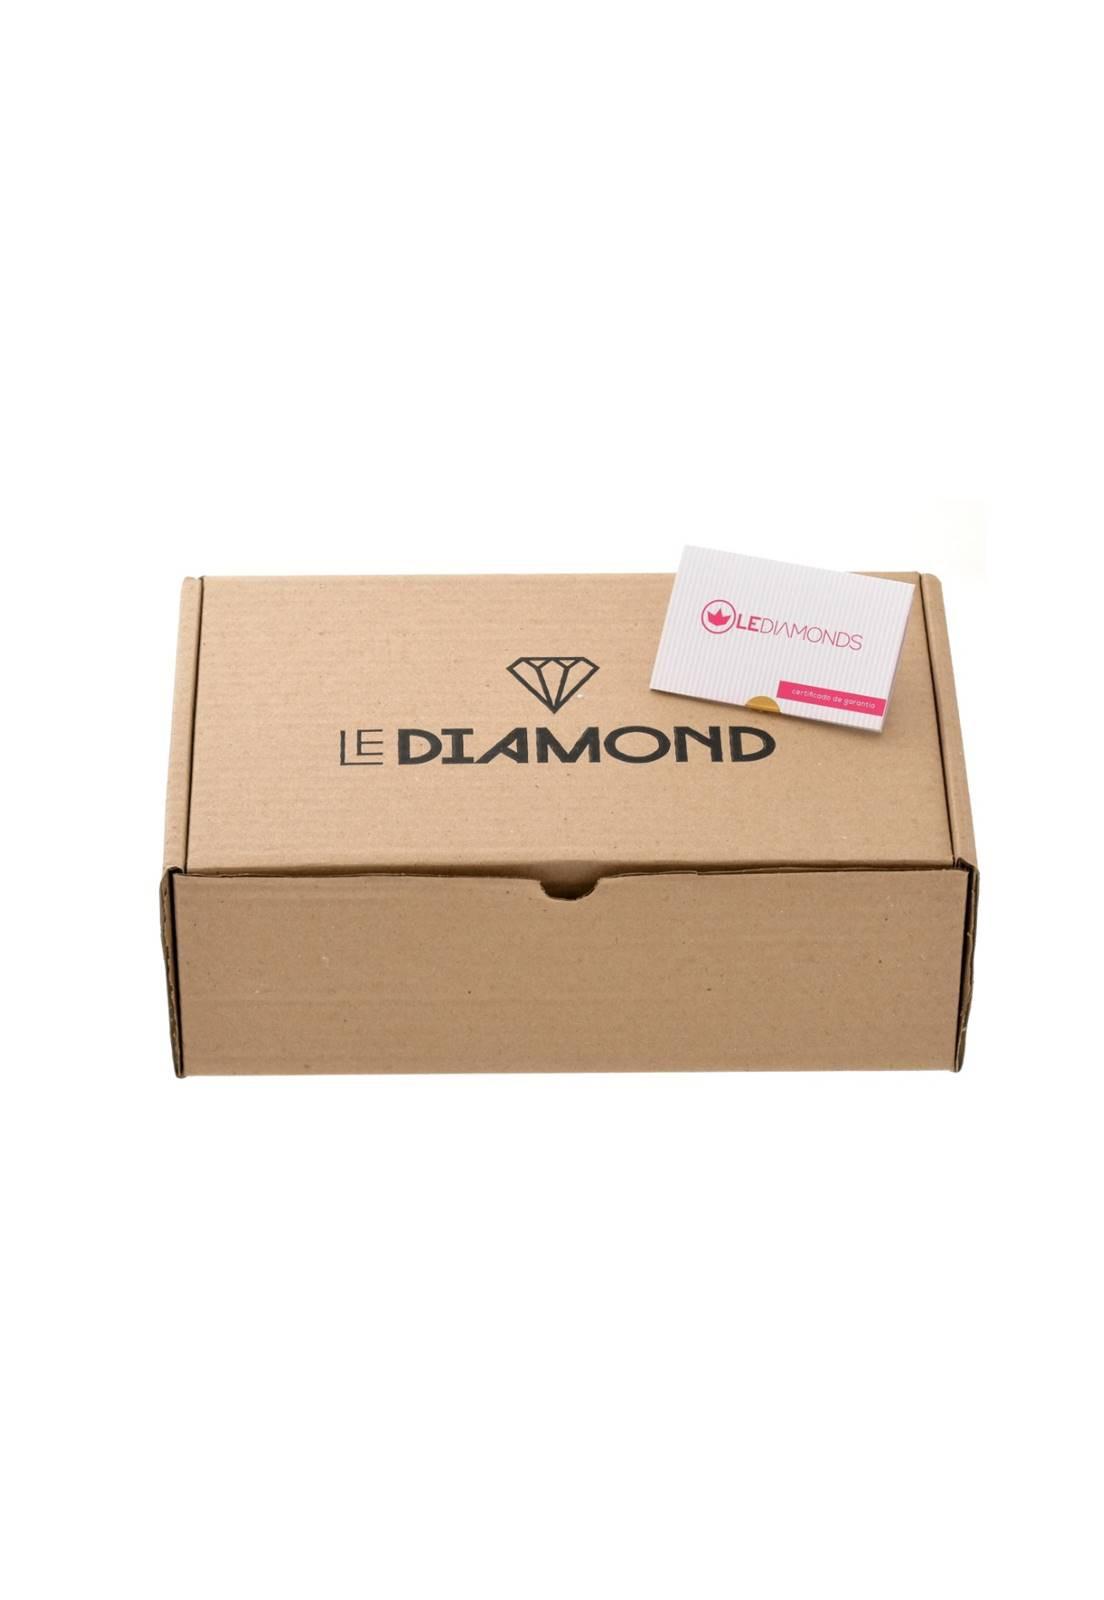 Brinco Le Diamond Bola Pequena Dourada